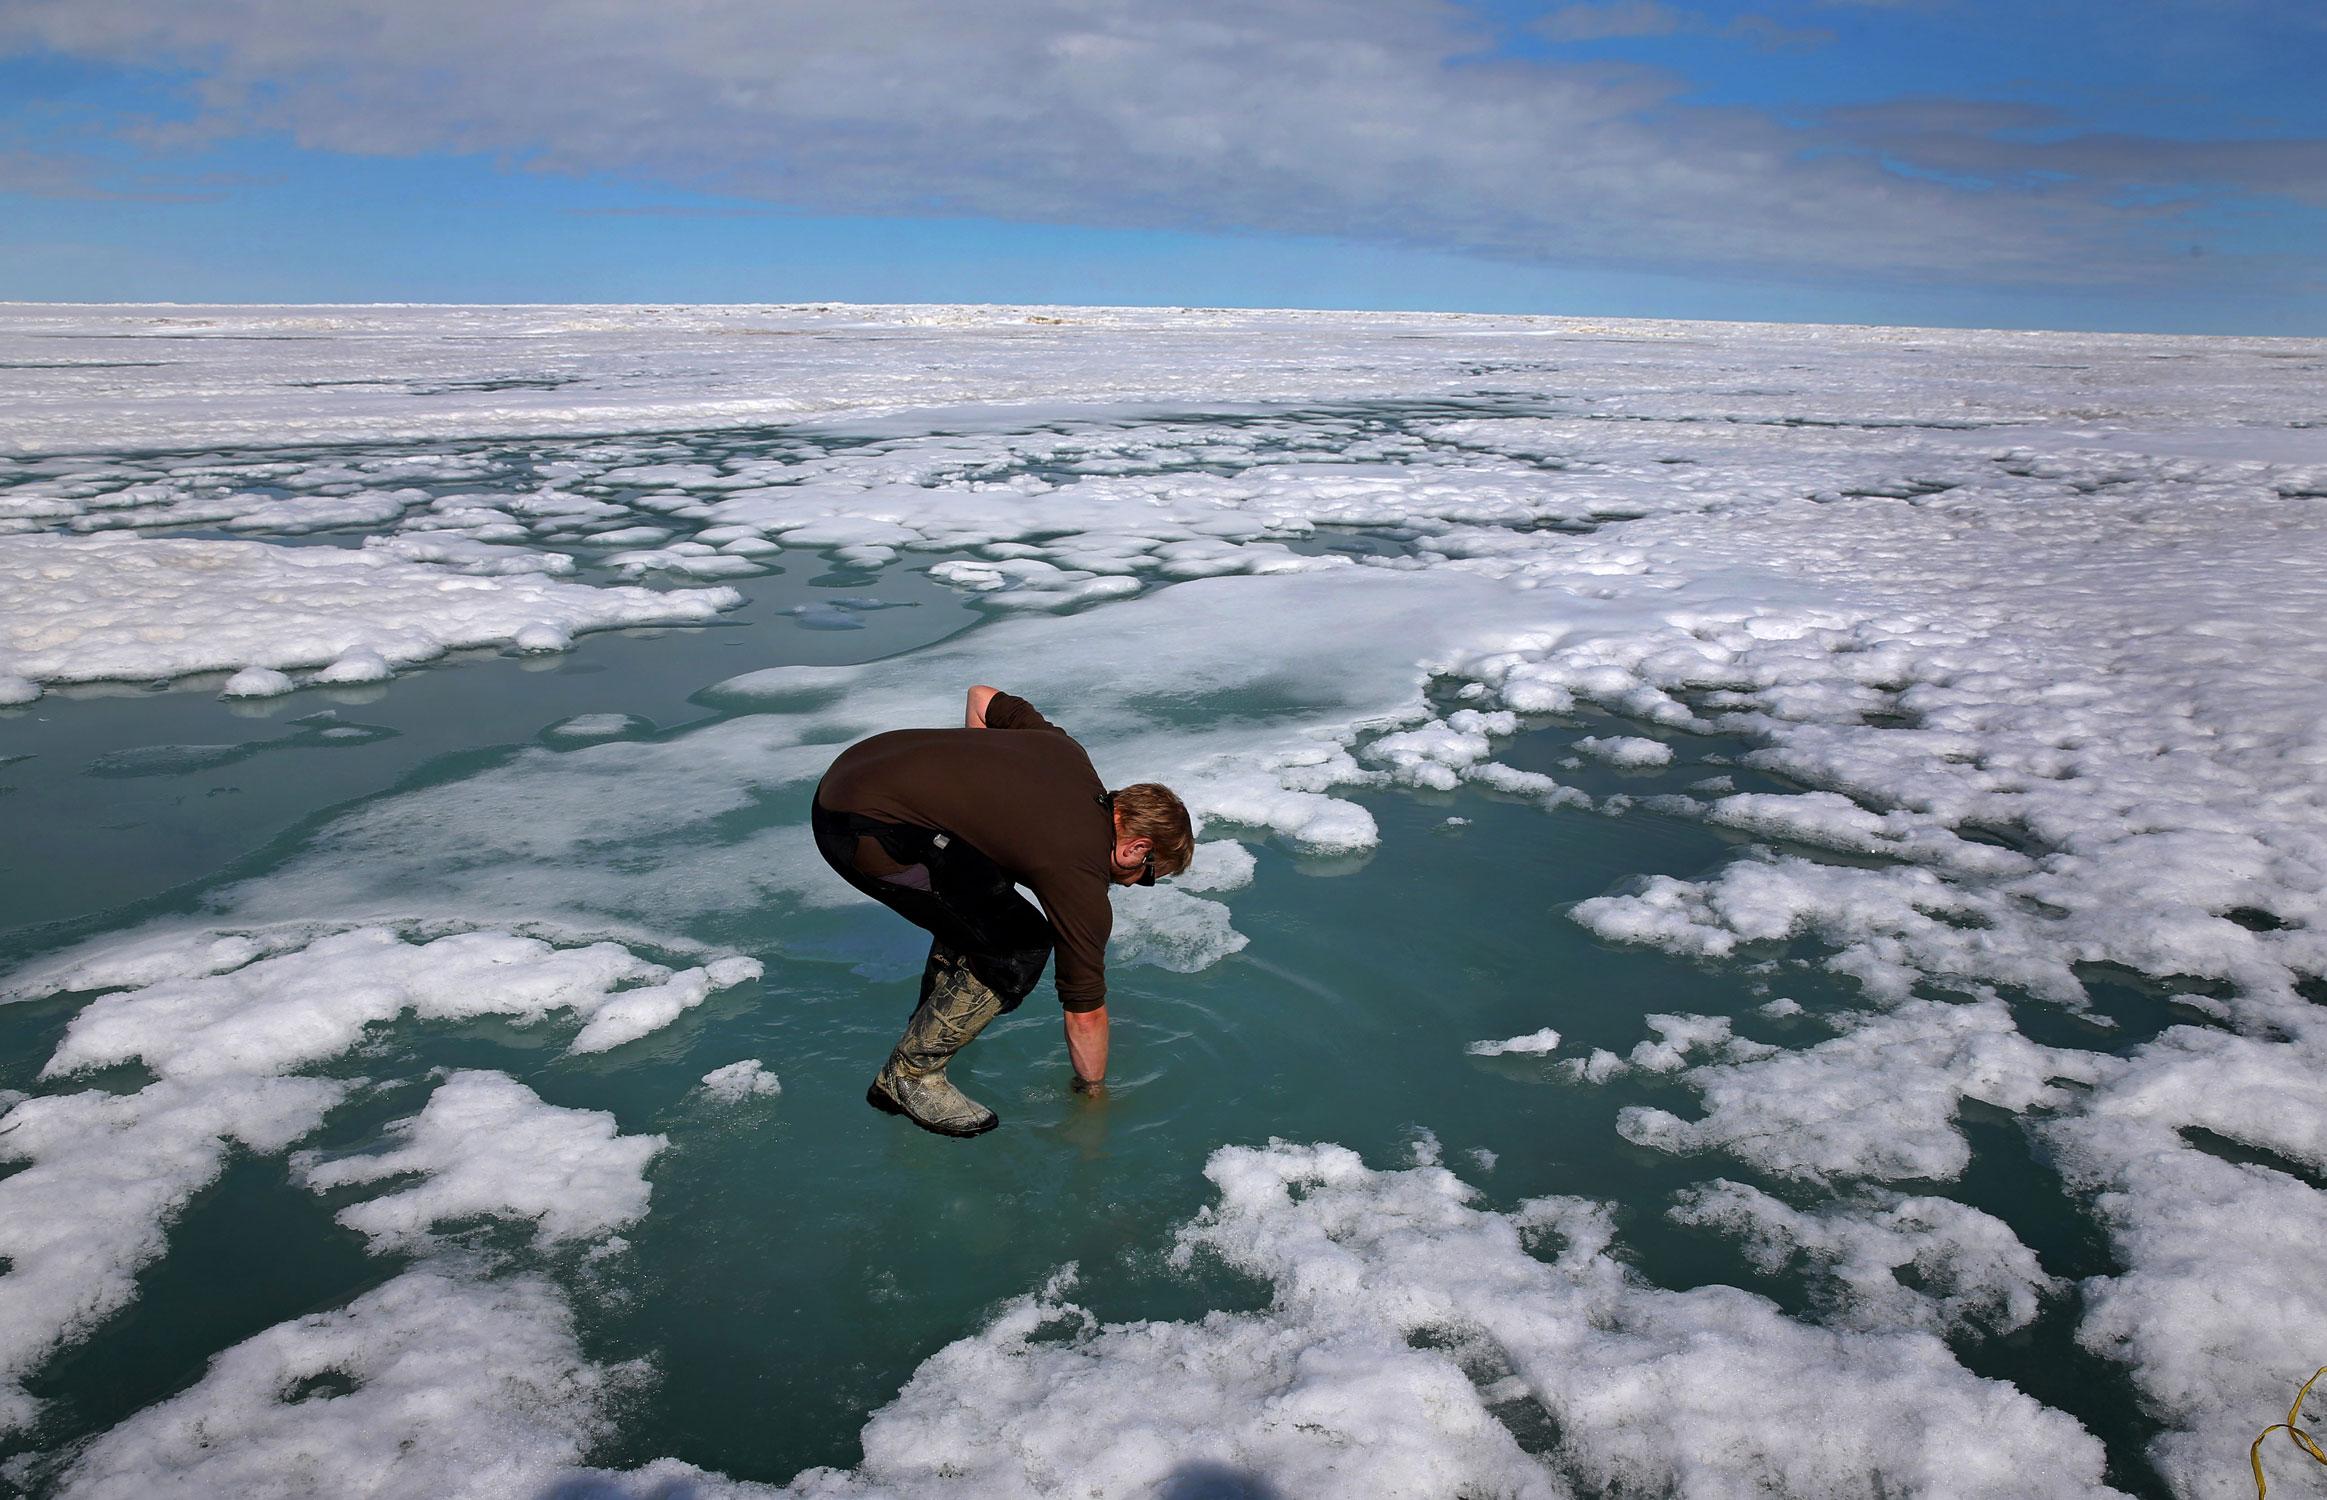 Исследователь Джош Джонс окунает руку врастаявший арктический лед, чтобы понять, насколько соленой может быть вода. Барроу, Аляска